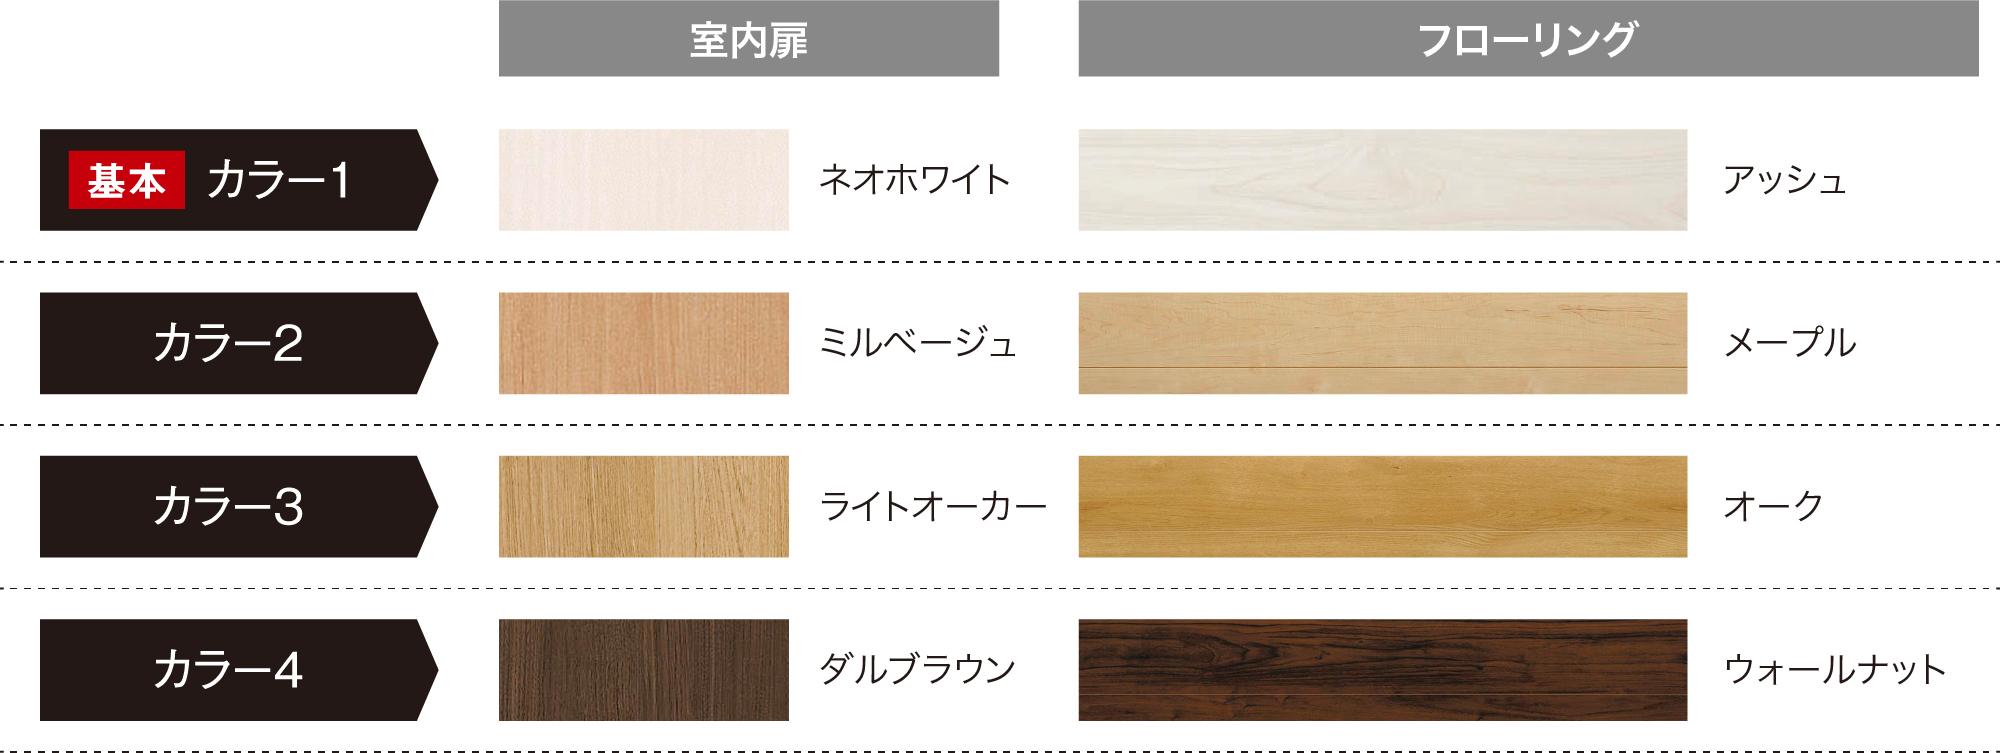 室内扉 フローリング カラー1 ネオホワイト アッシュ カラー2 ミルベージュ メープル カラー3 ライトオーカー オーク カラー4 ダルブラウン ウォールナット